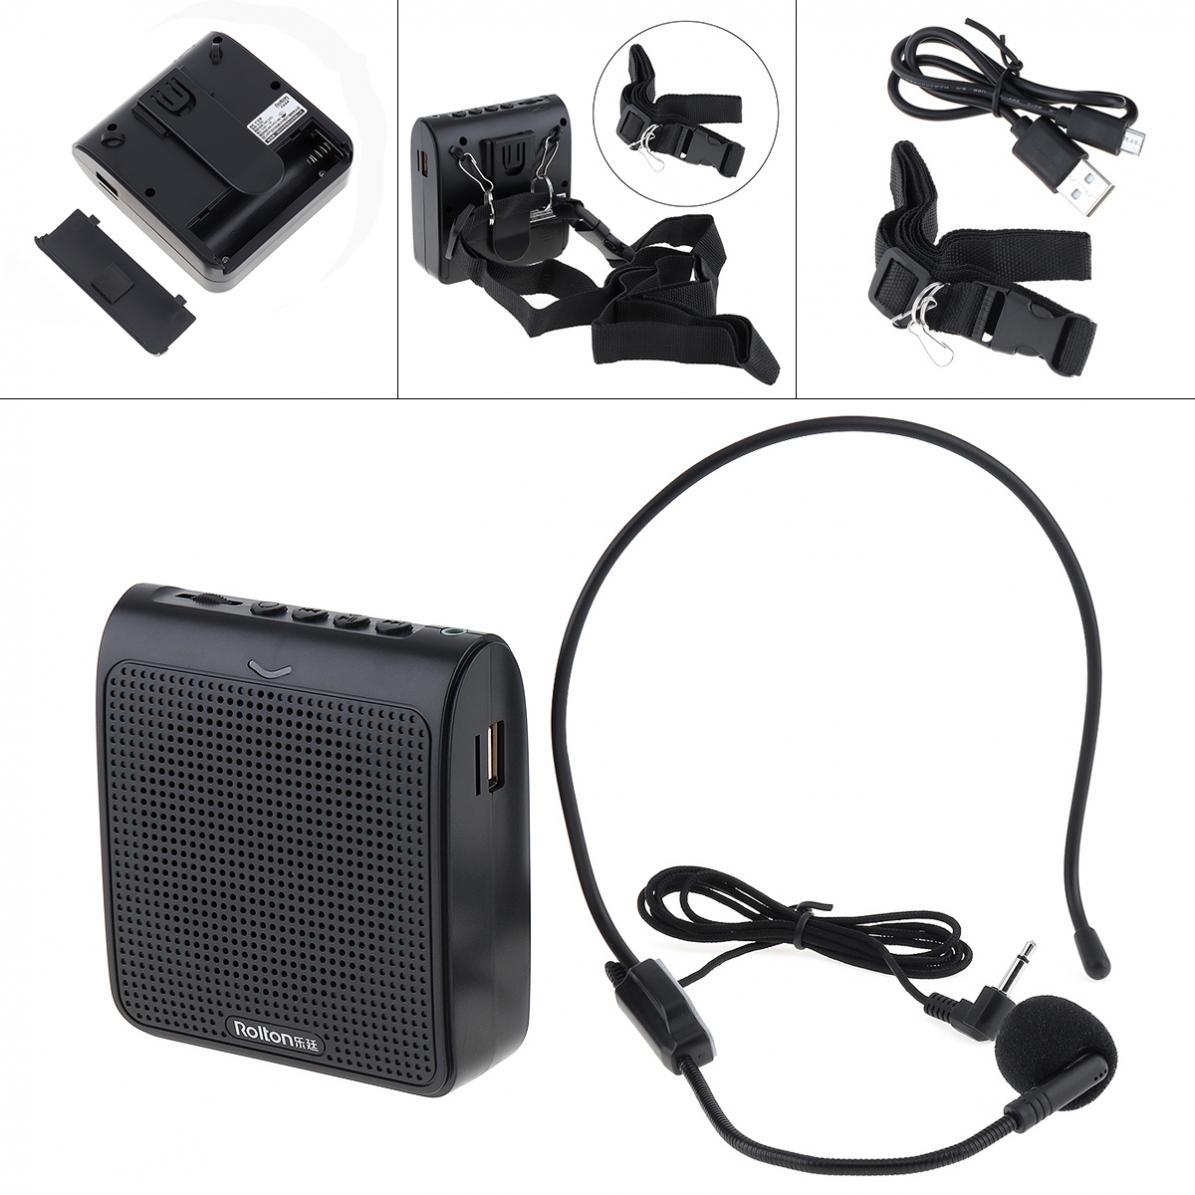 Rolton K100 проводной мини аудио динамик мегафон голосовой усилитель громкий